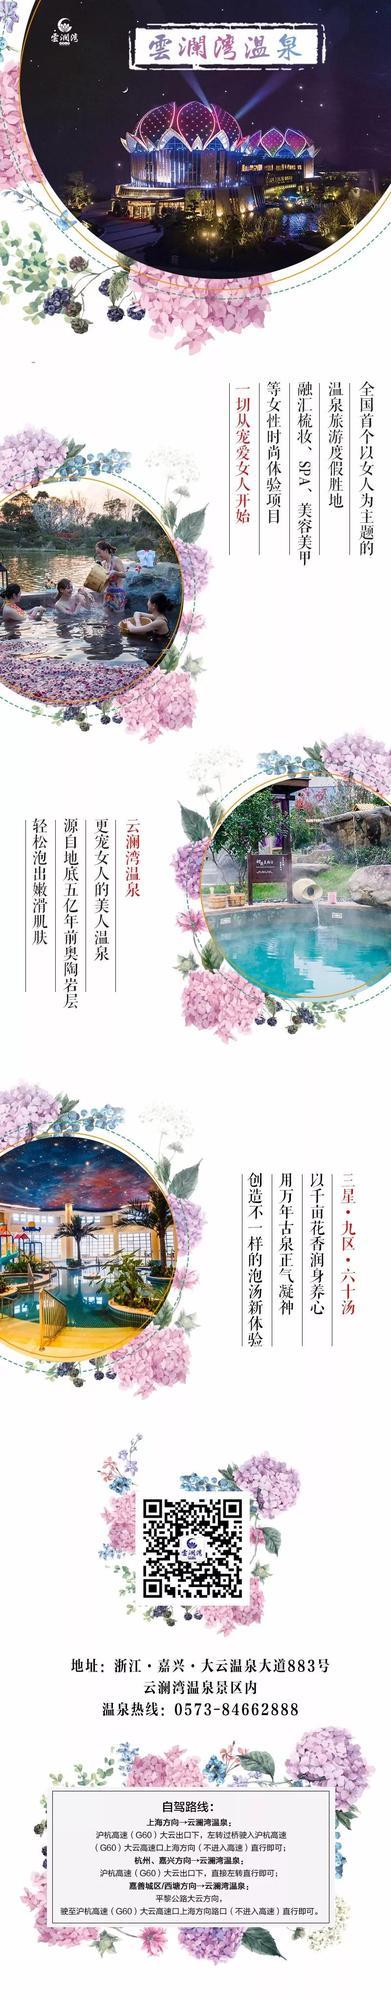 踏青赏花季,2018云澜湾温泉美人节门票免费送